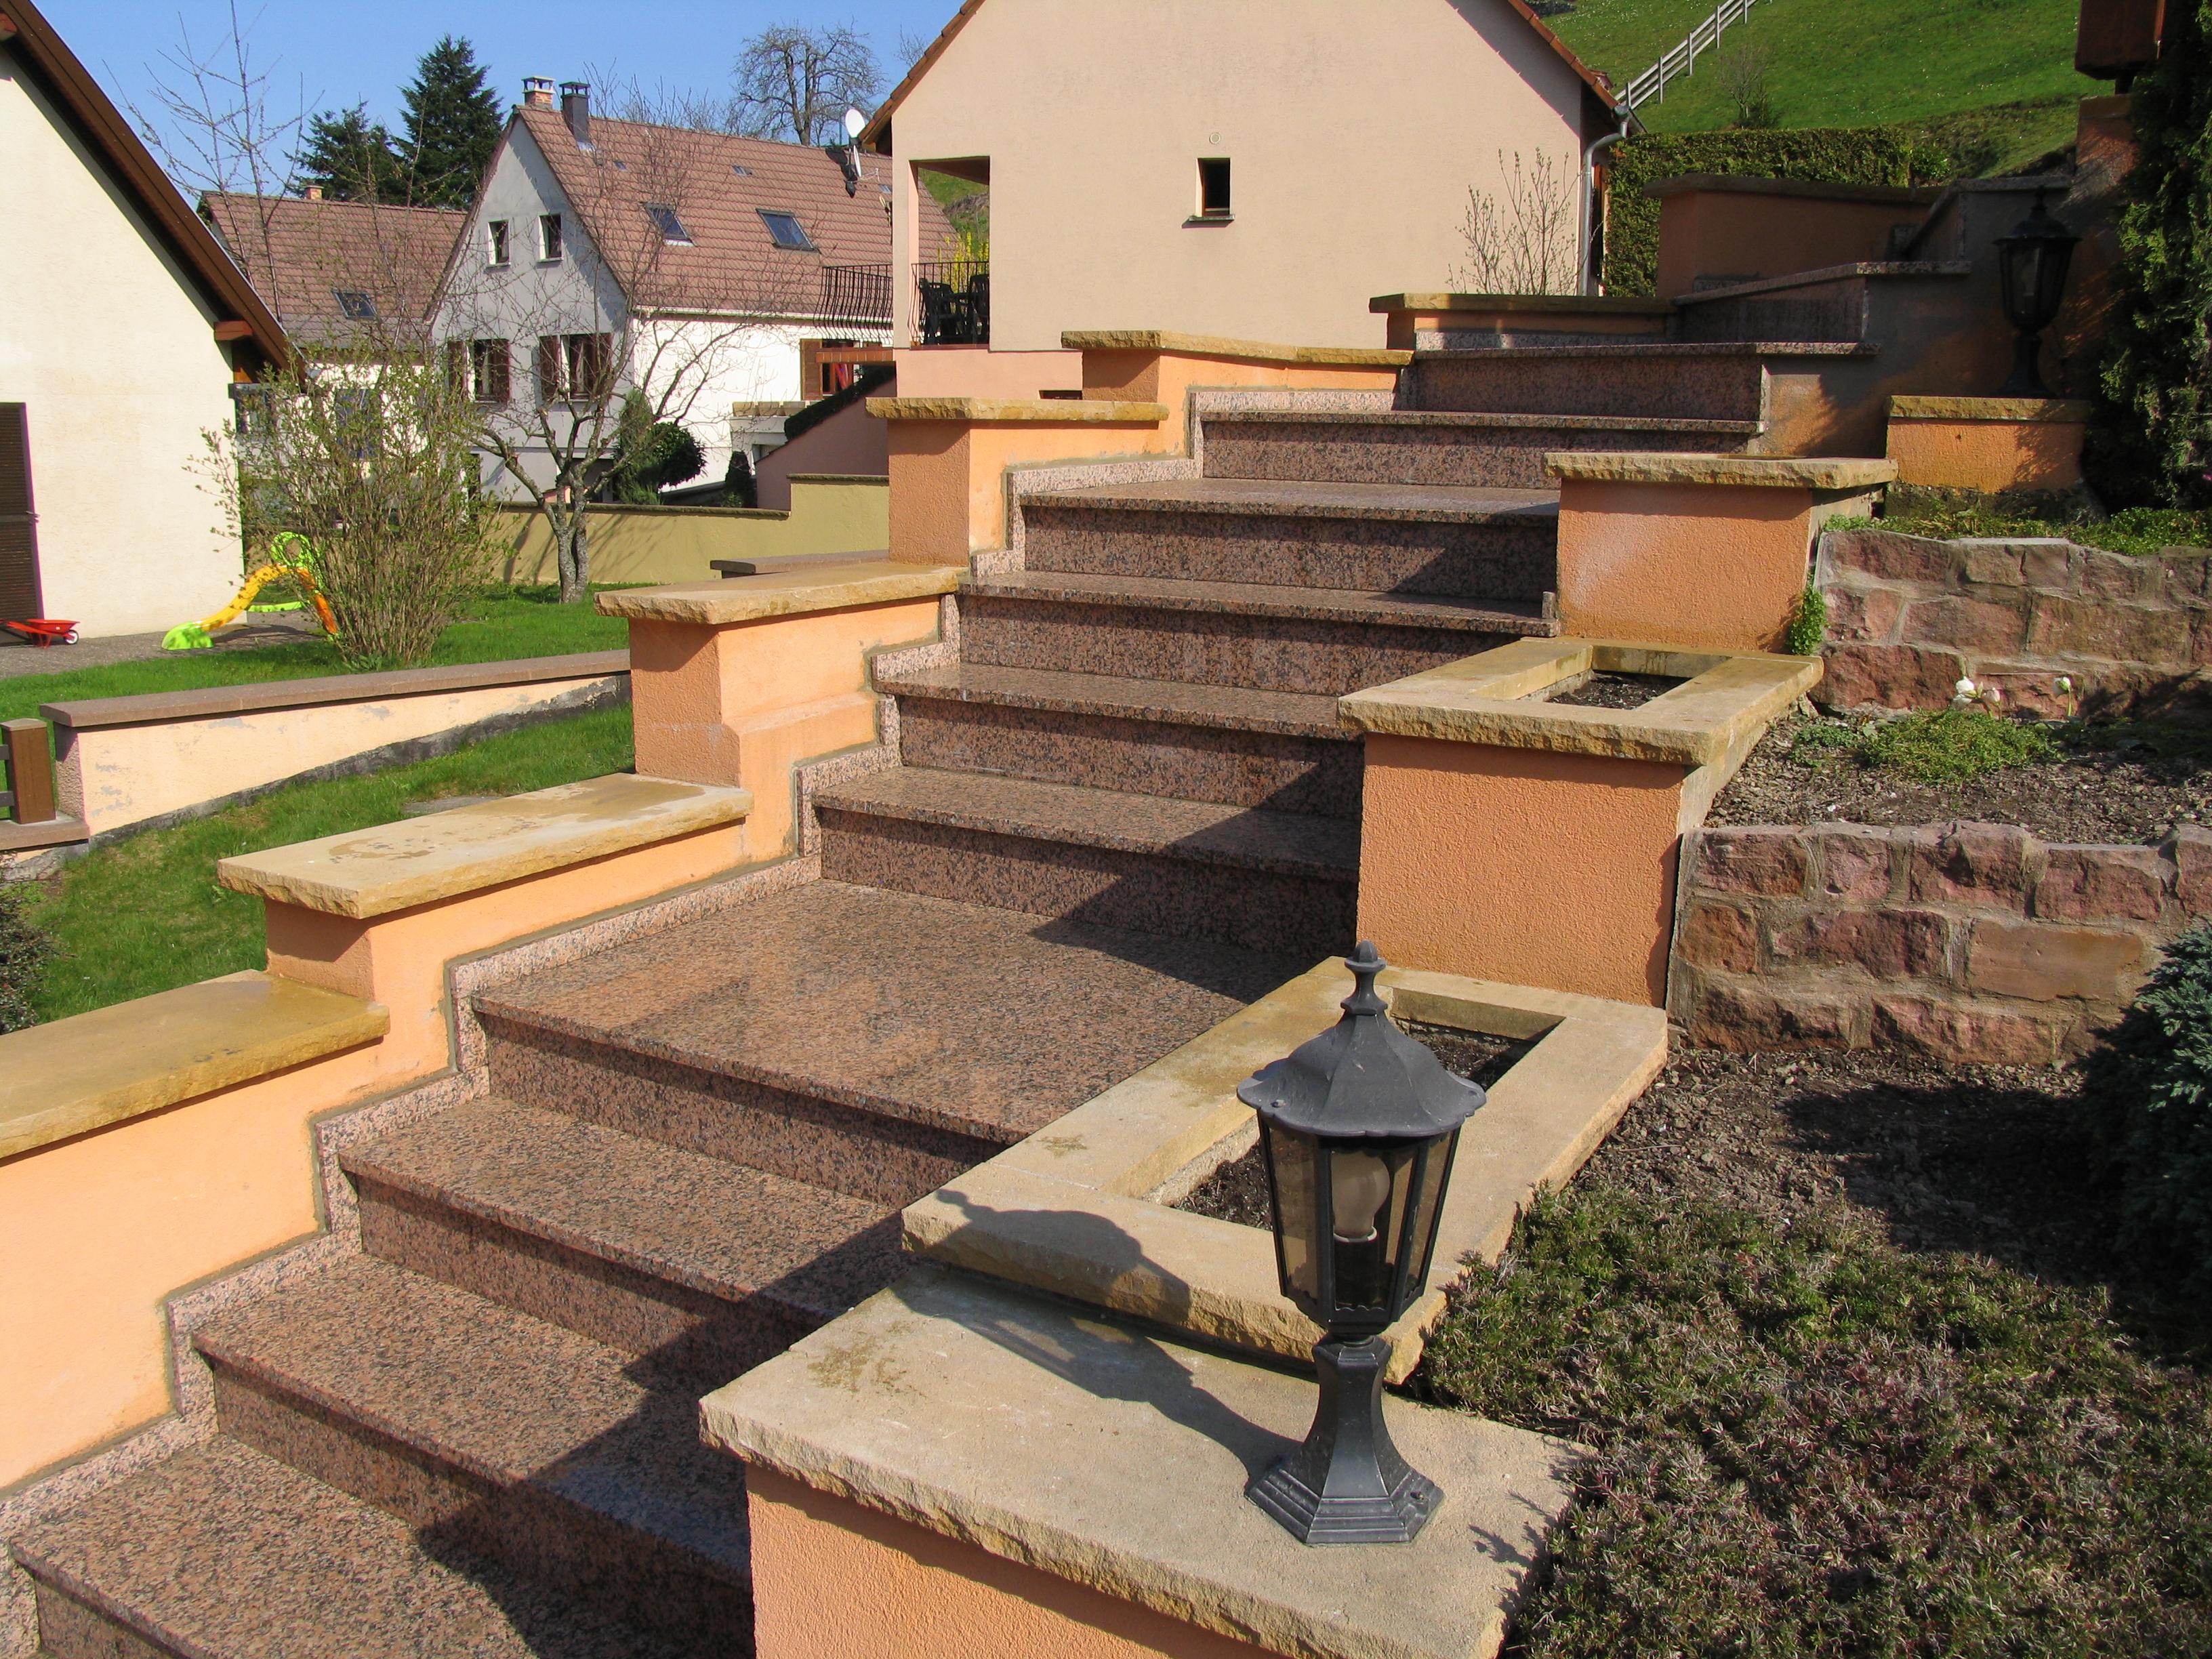 pierre pour escalier exterieur pierre pour escalier exterieur bel escalier en pierre pour. Black Bedroom Furniture Sets. Home Design Ideas